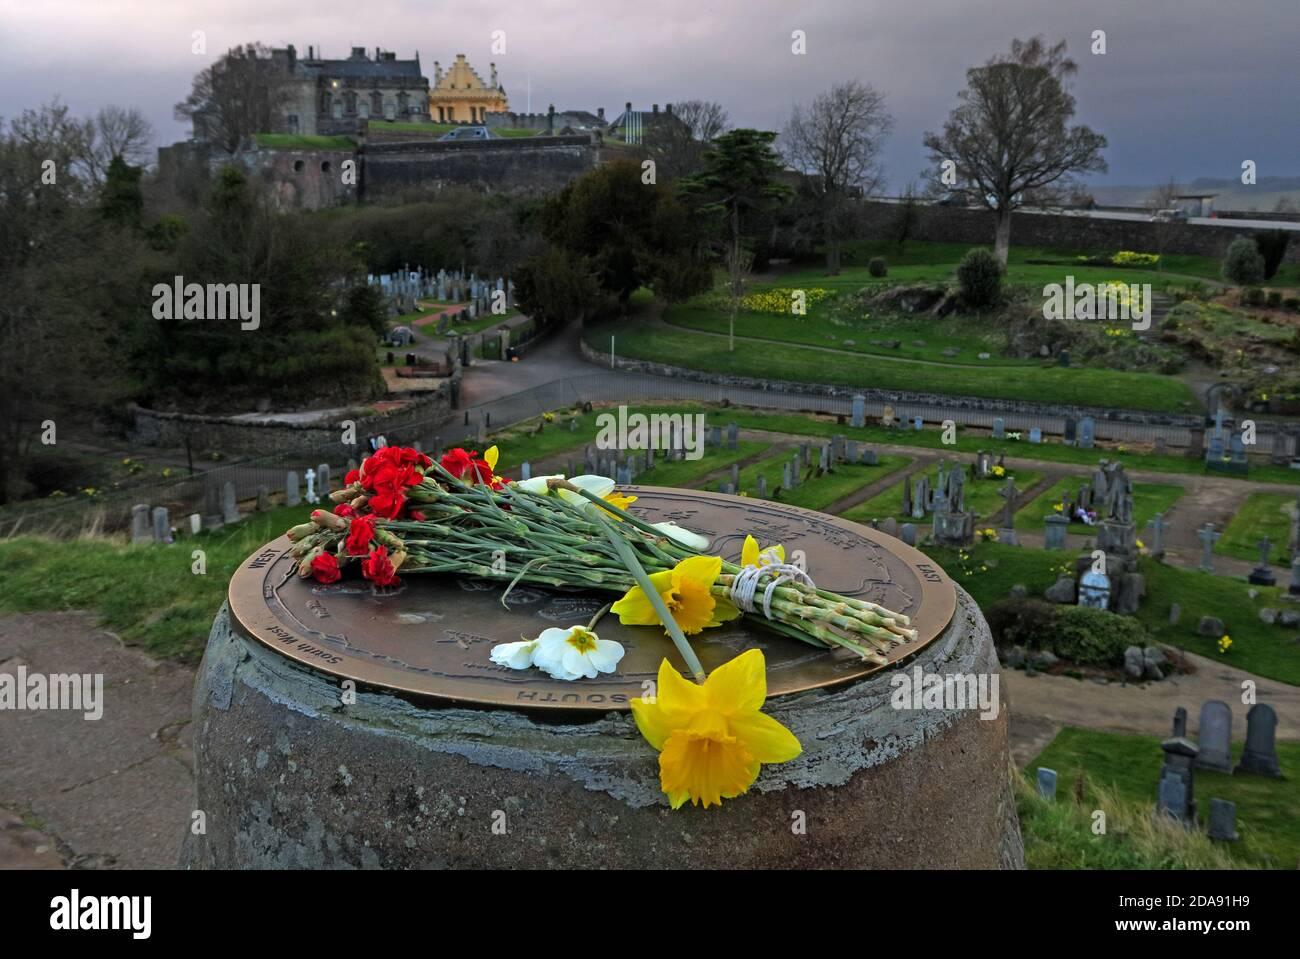 Dieses Stockfoto: Blick auf Stirling Castle, vom Aussichtspunkt Indikator, mit Blumen, Narzissen, Schottland, Großbritannien - 2DA91H